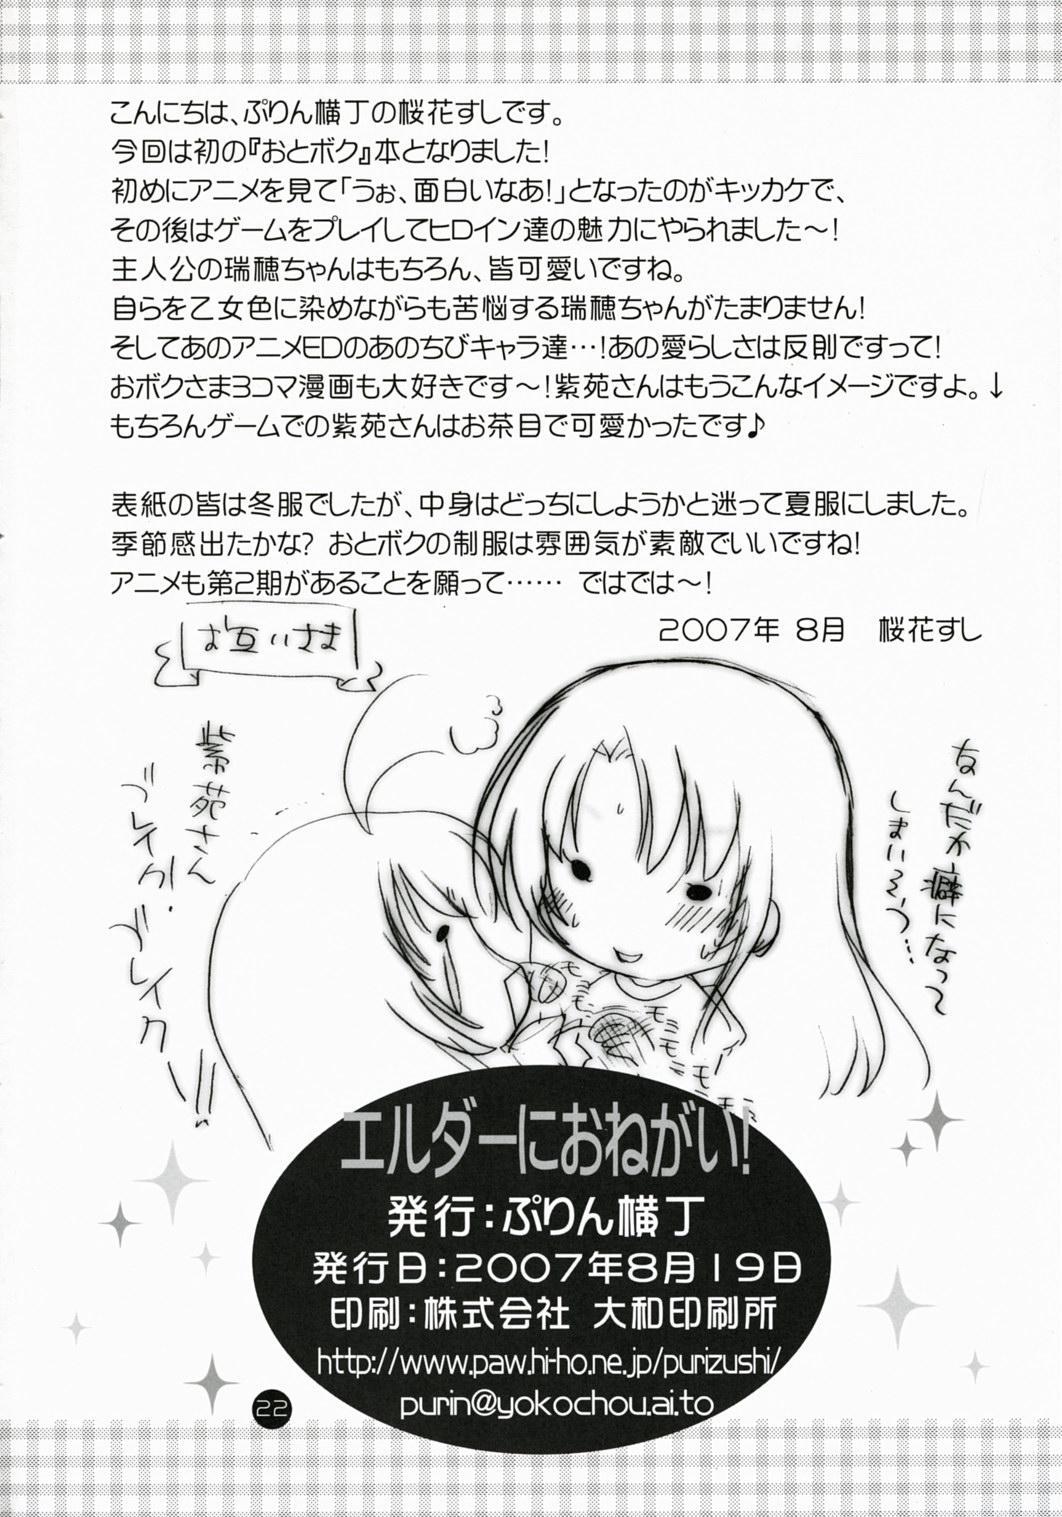 Elder ni onegai! 20